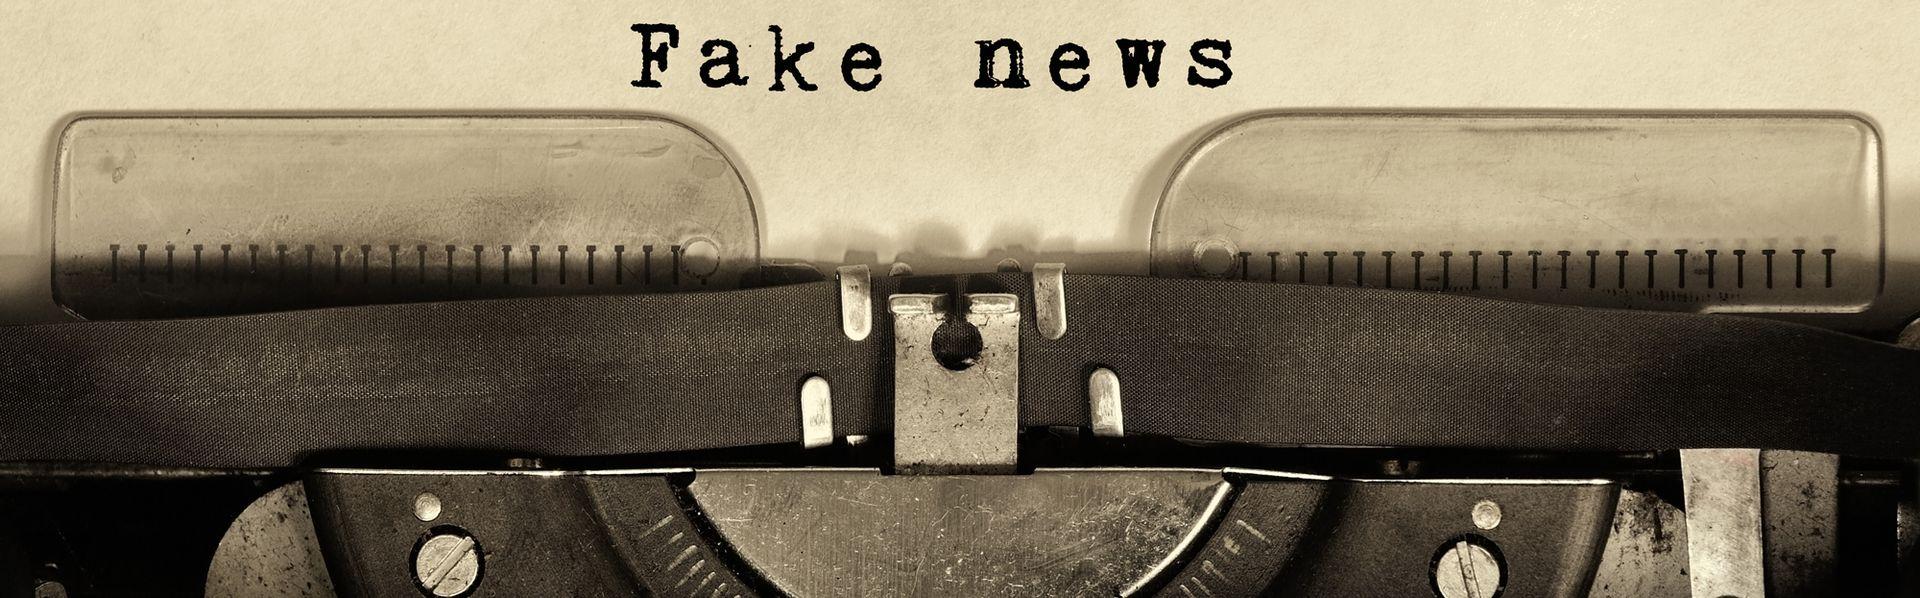 Les fake news. [cn0ra - Fotolia]